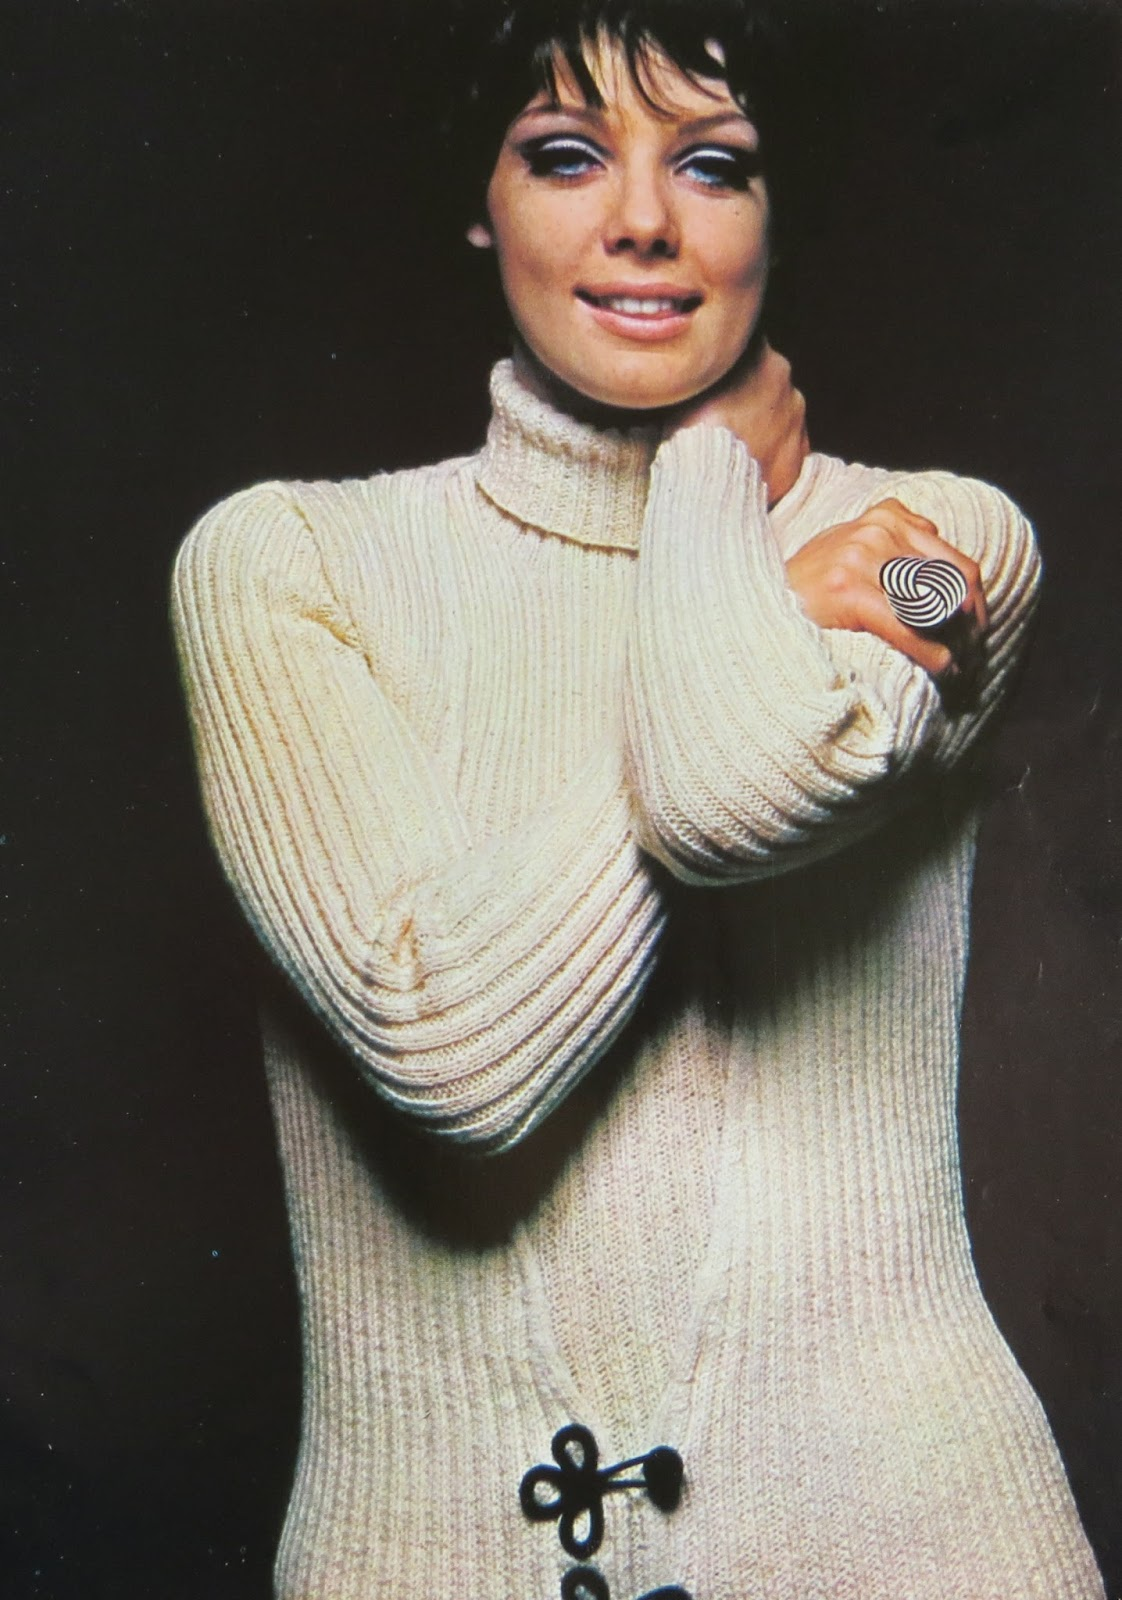 Free Vintage Vogue Knitting Patterns : Shortbread & Ginger: Vintage Vogue